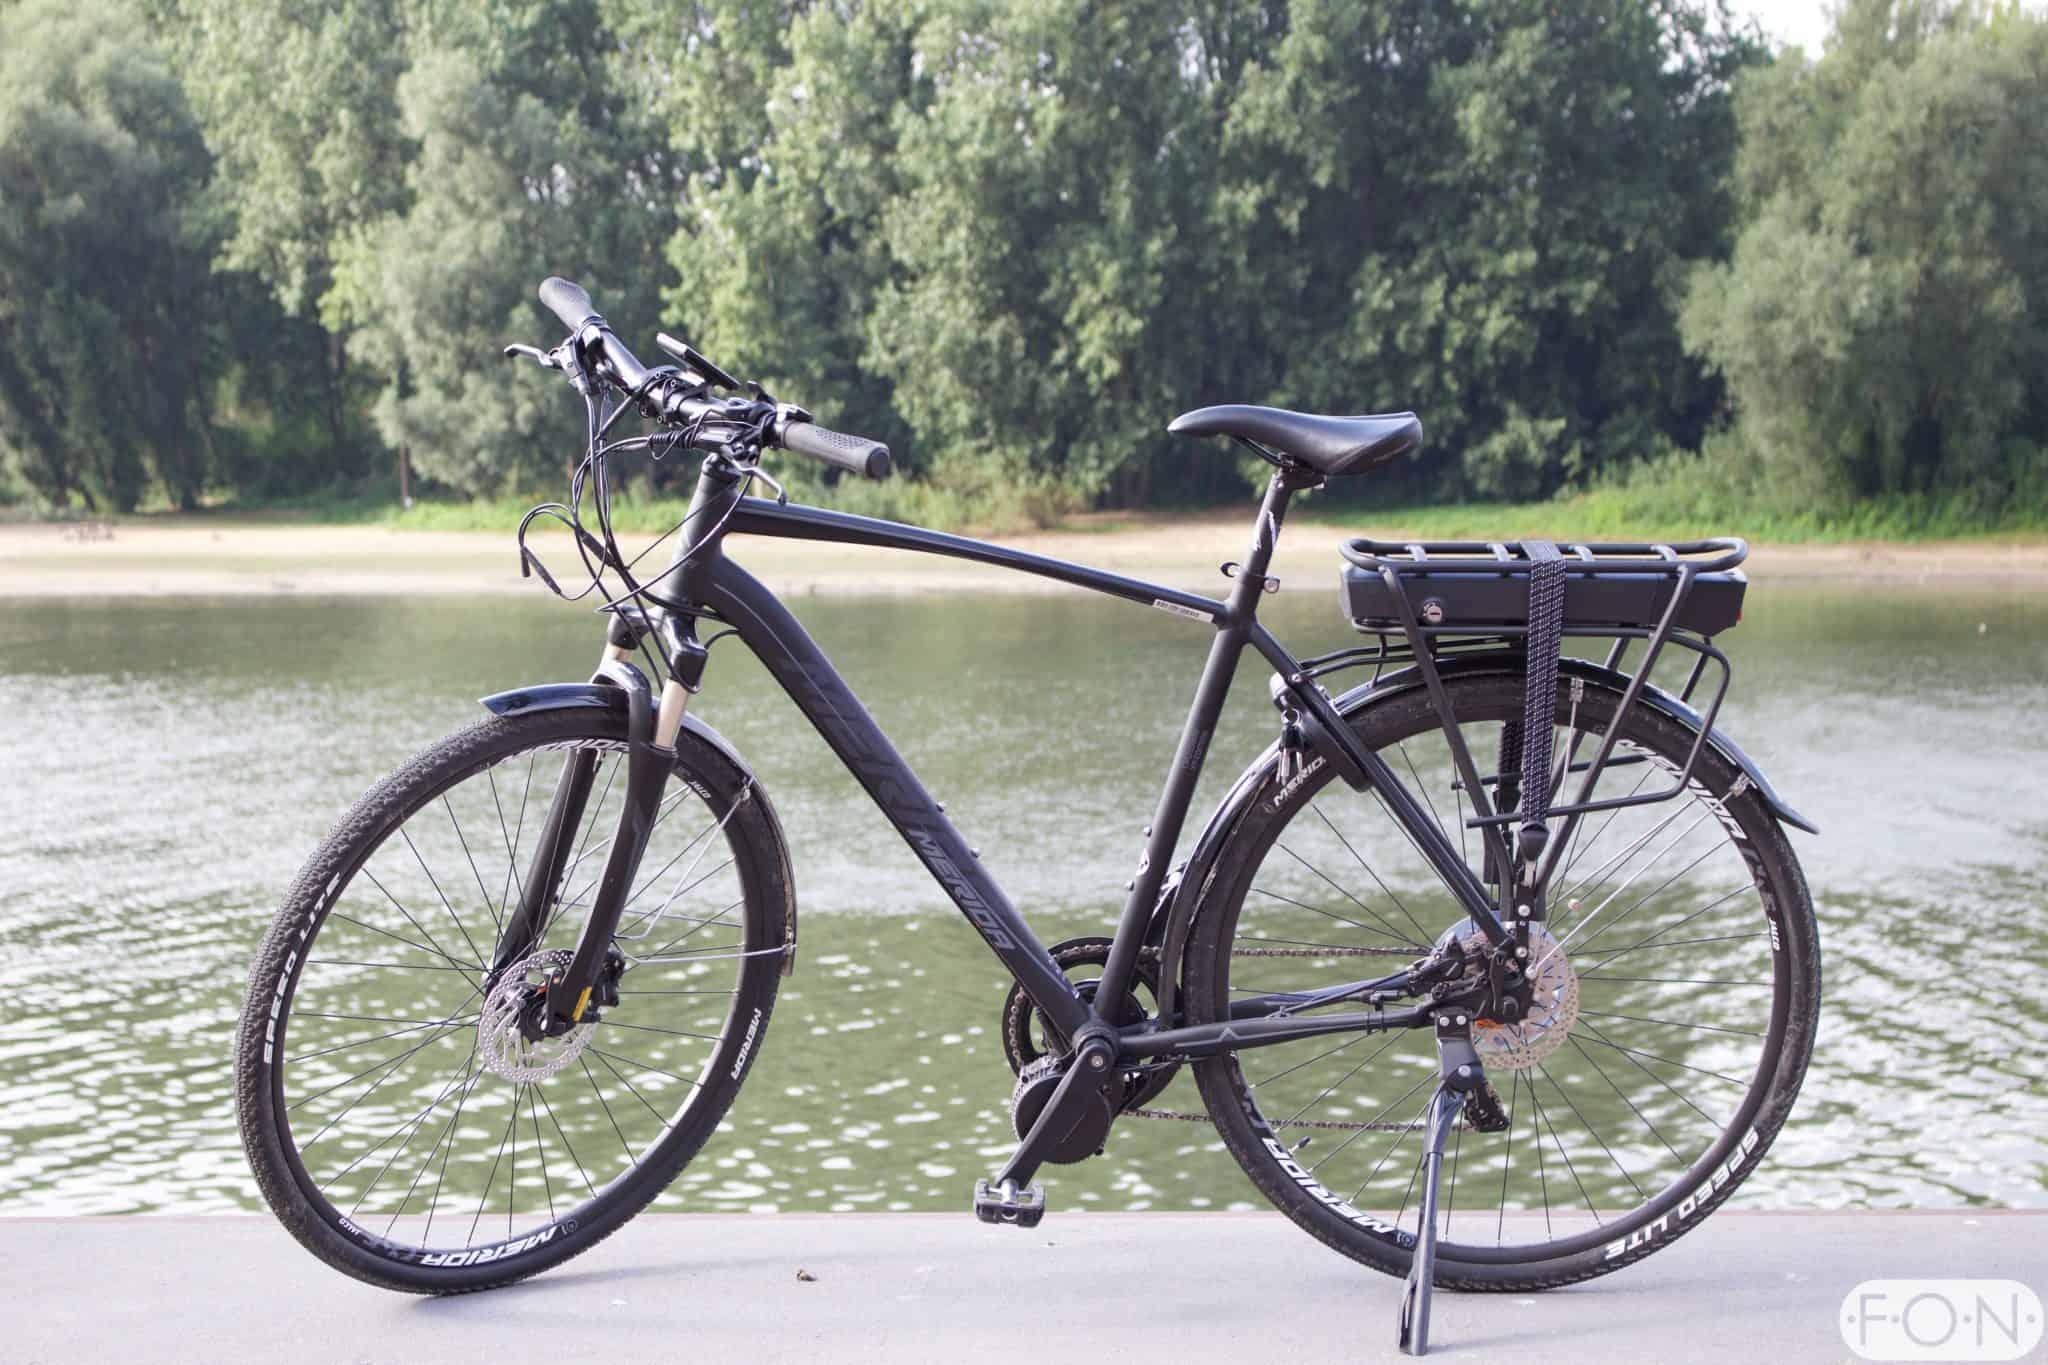 Merida elektrisch maken met Bafang Middenmotor FONebike Arnhem2248